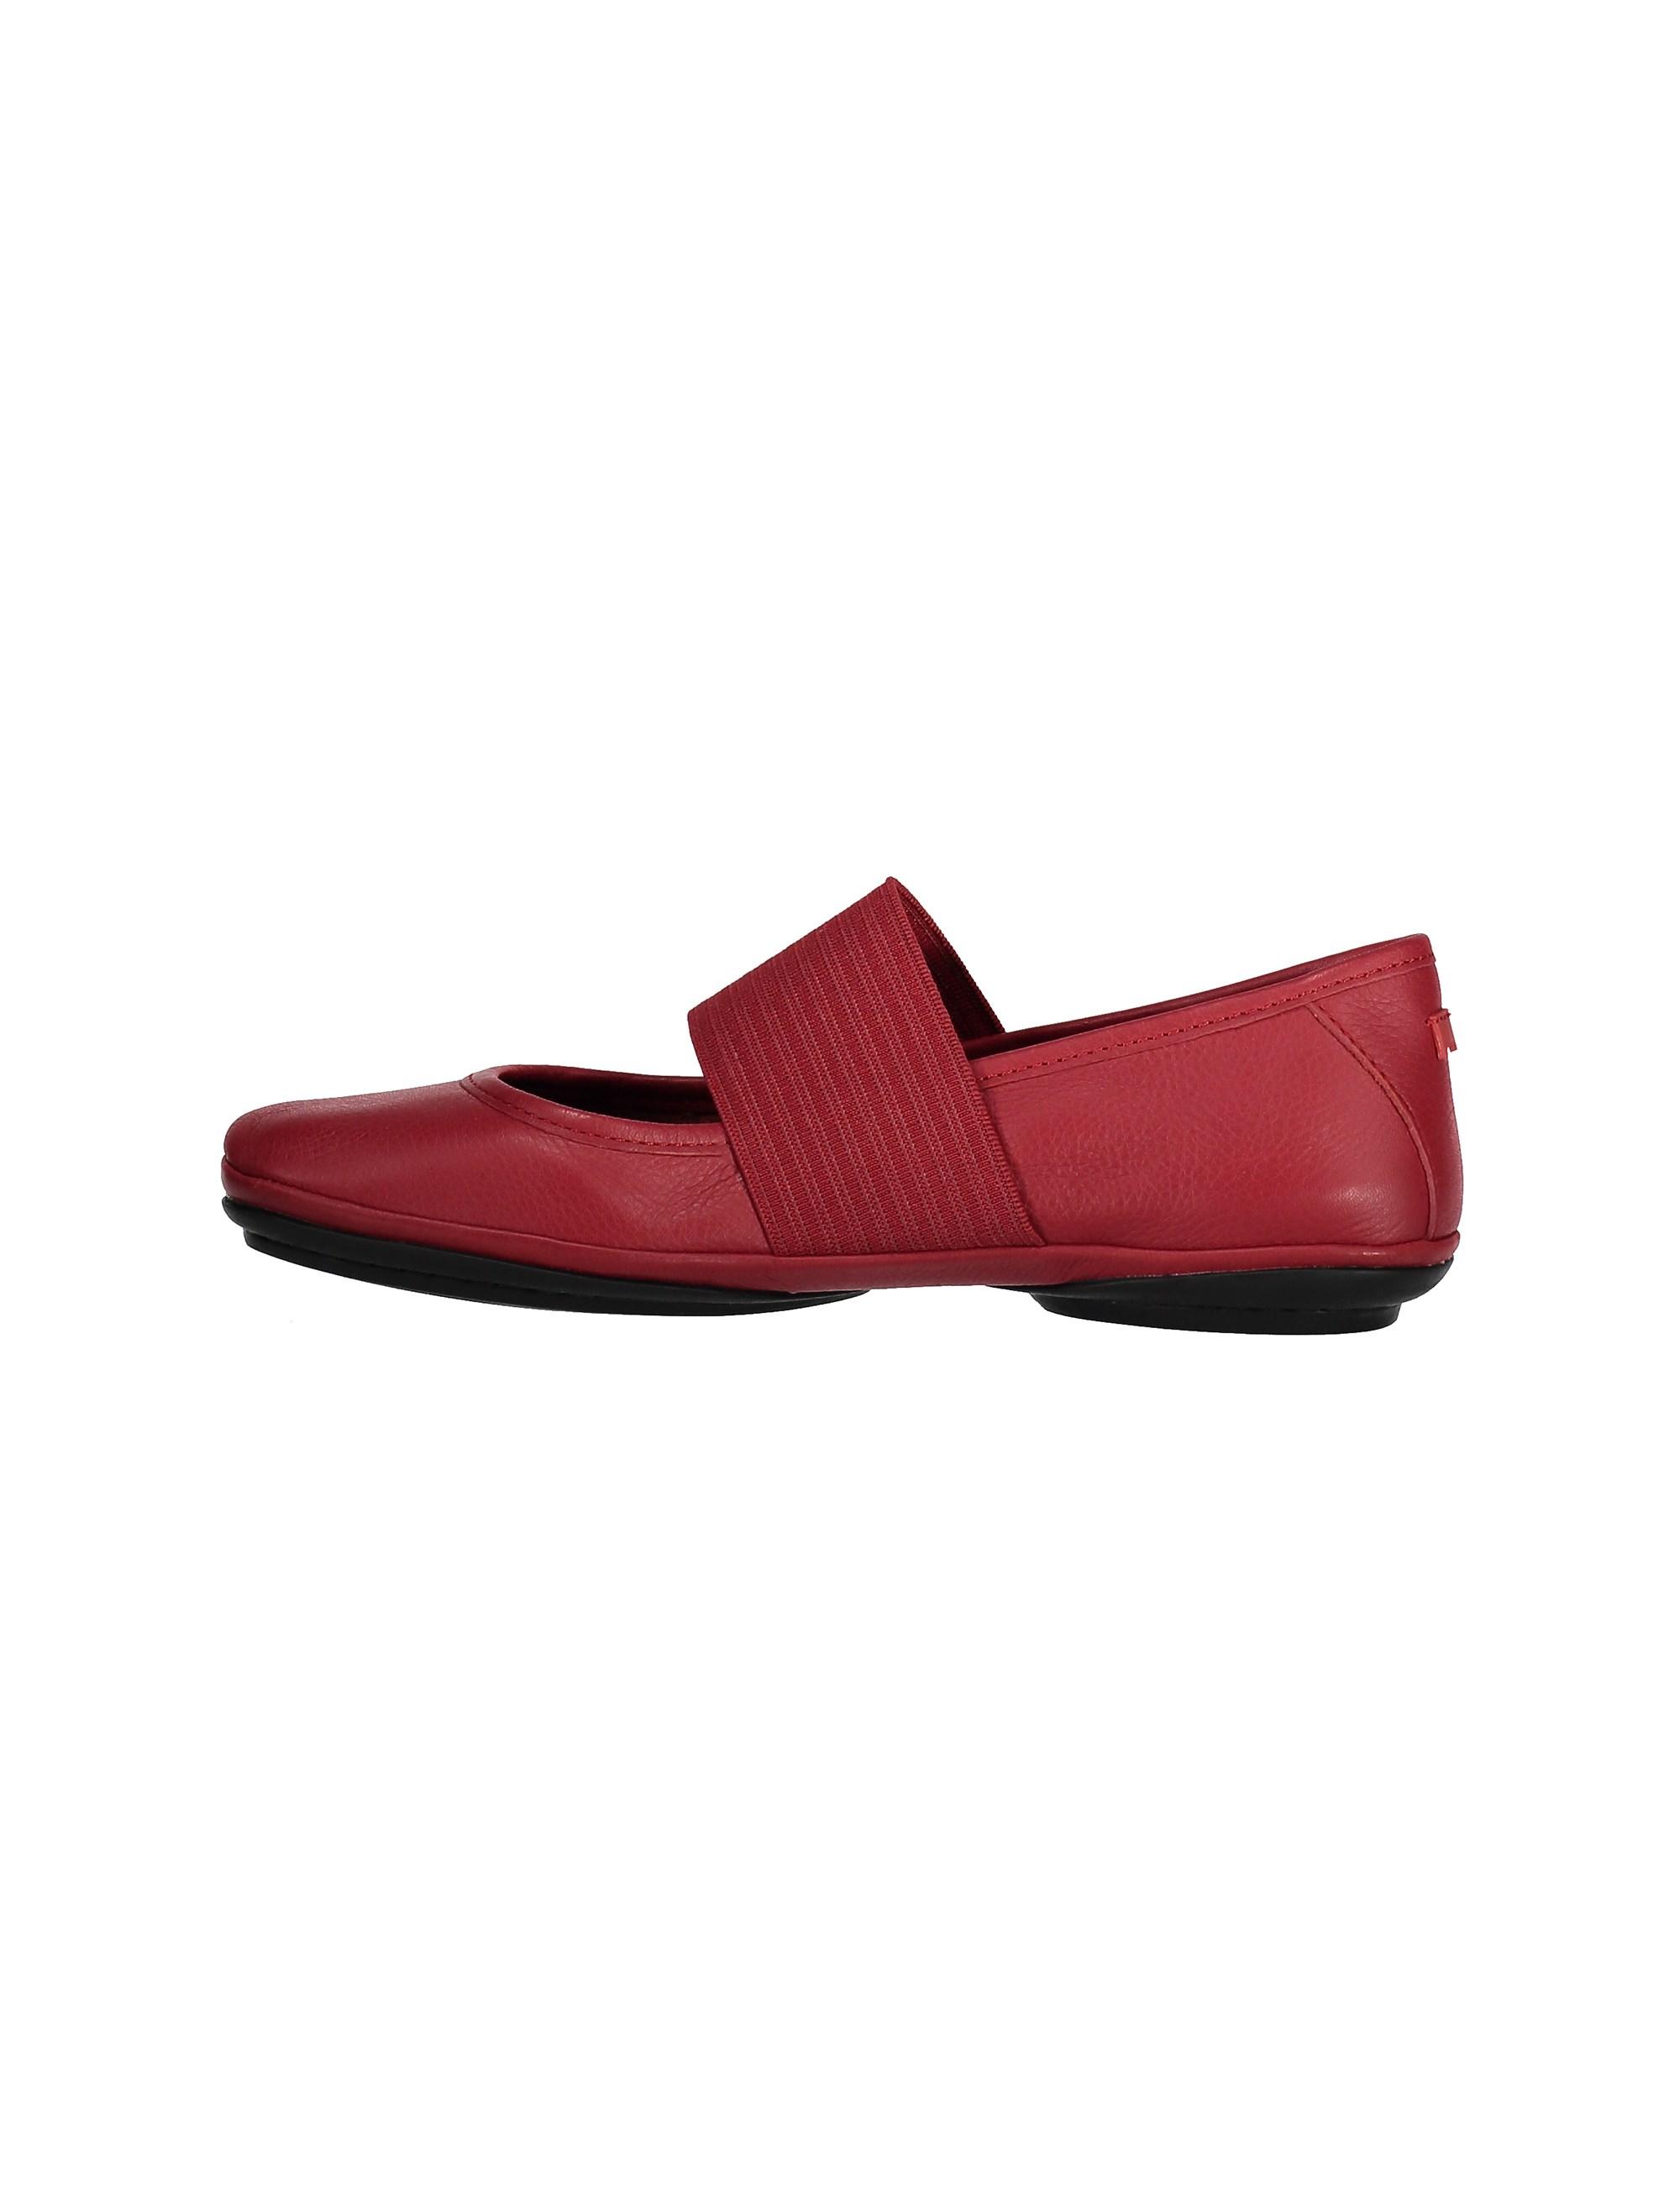 کفش تخت چرم زنانه - قرمز تيره - 3